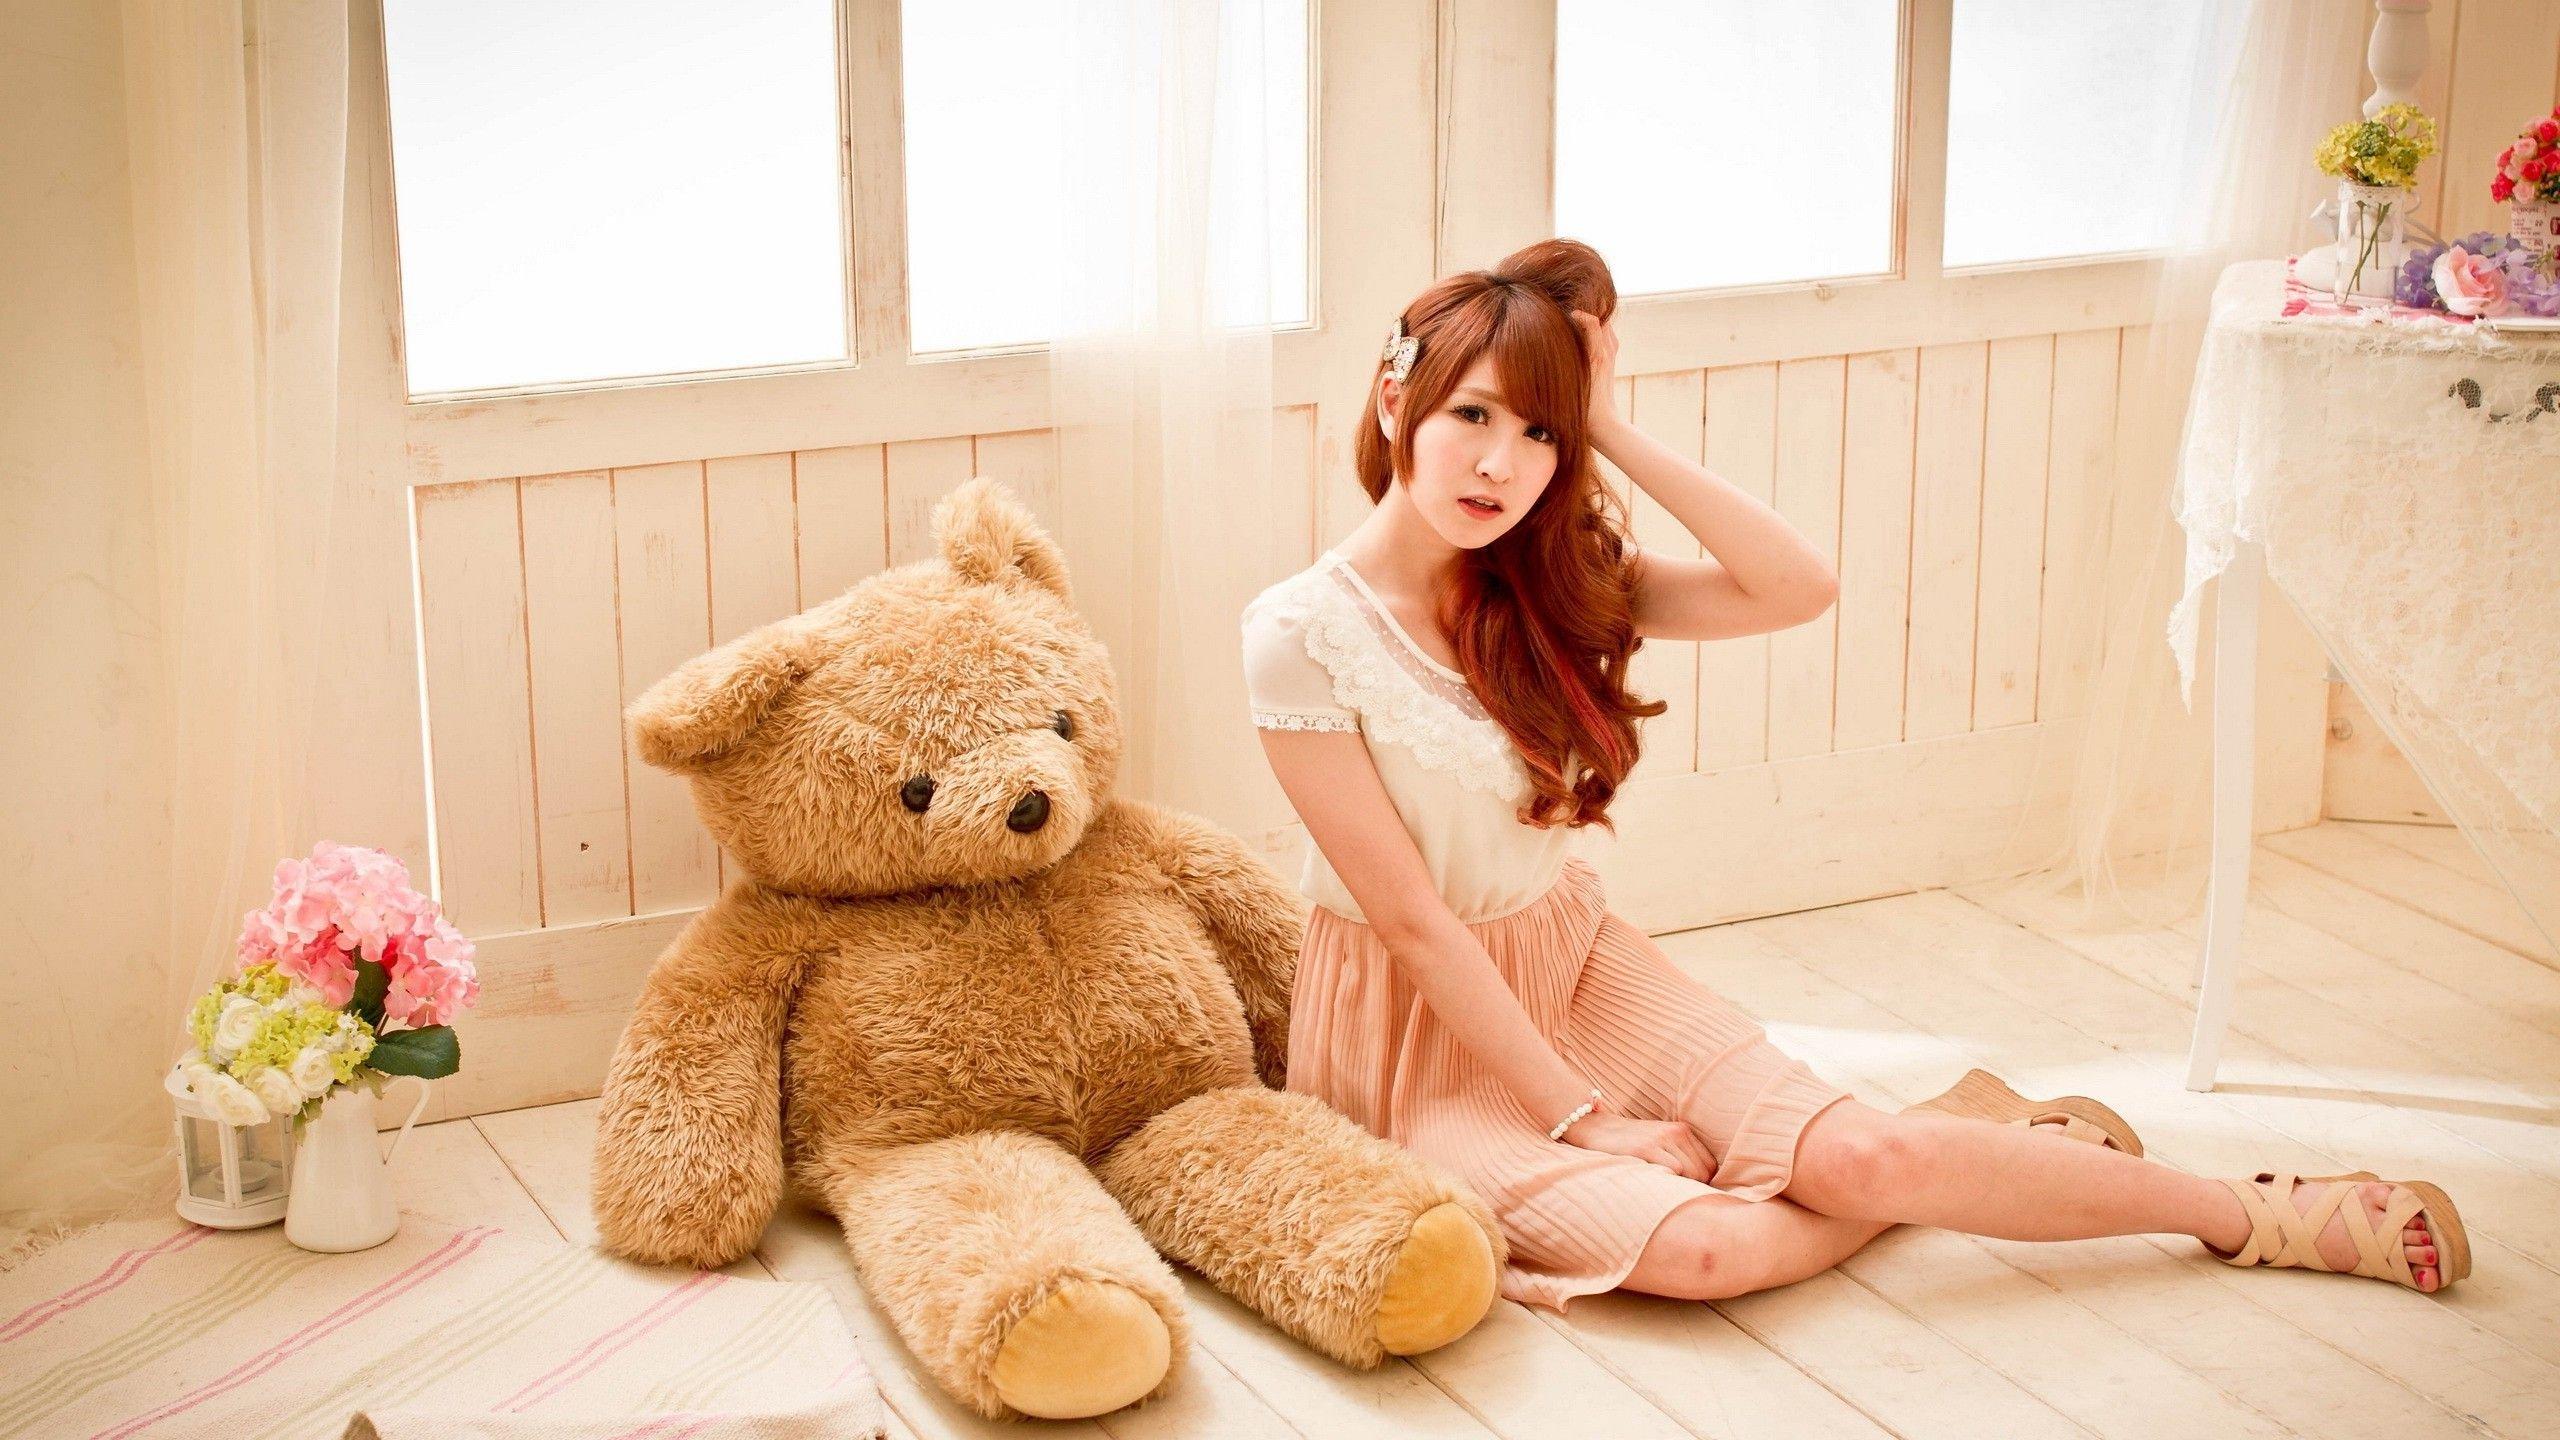 Happy Teddy Day Pics